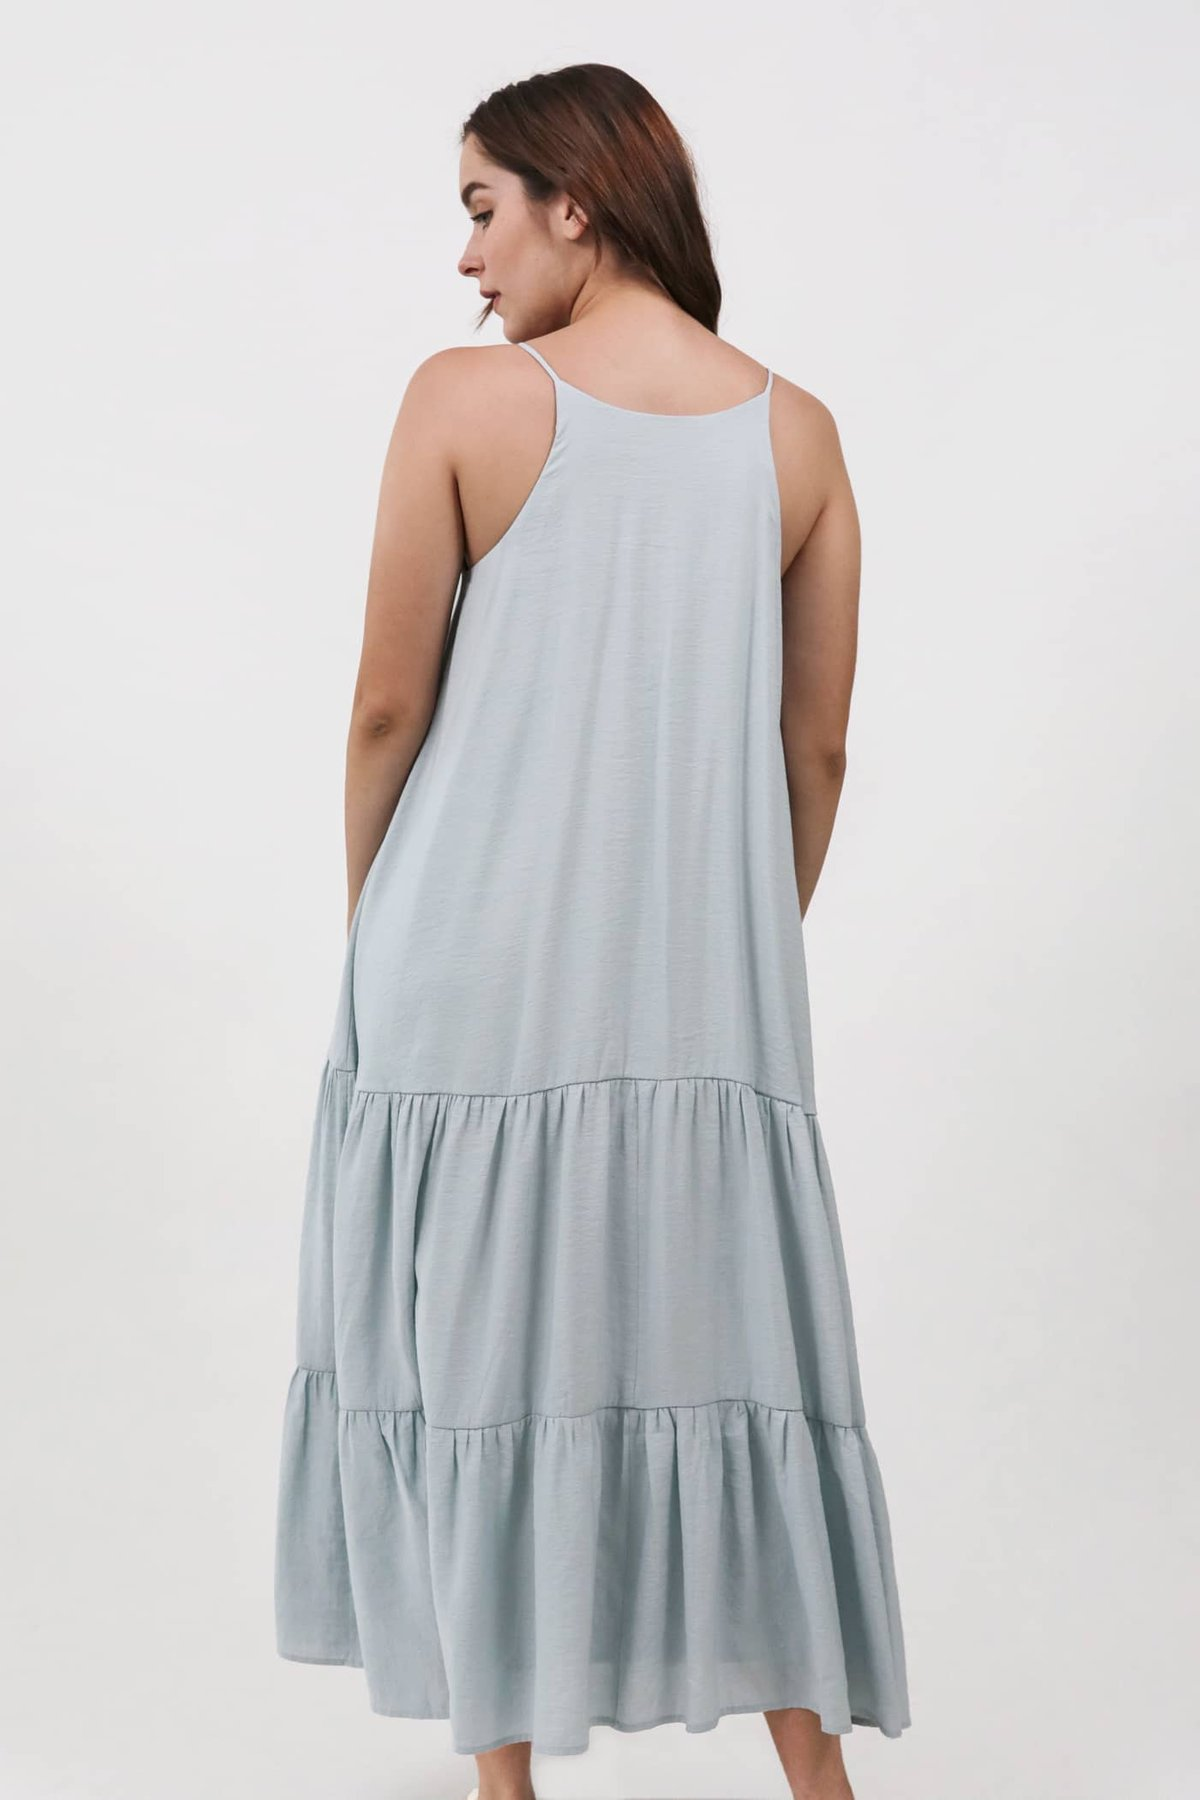 Zarah Two Way Maxi Dress (Misty Blue)